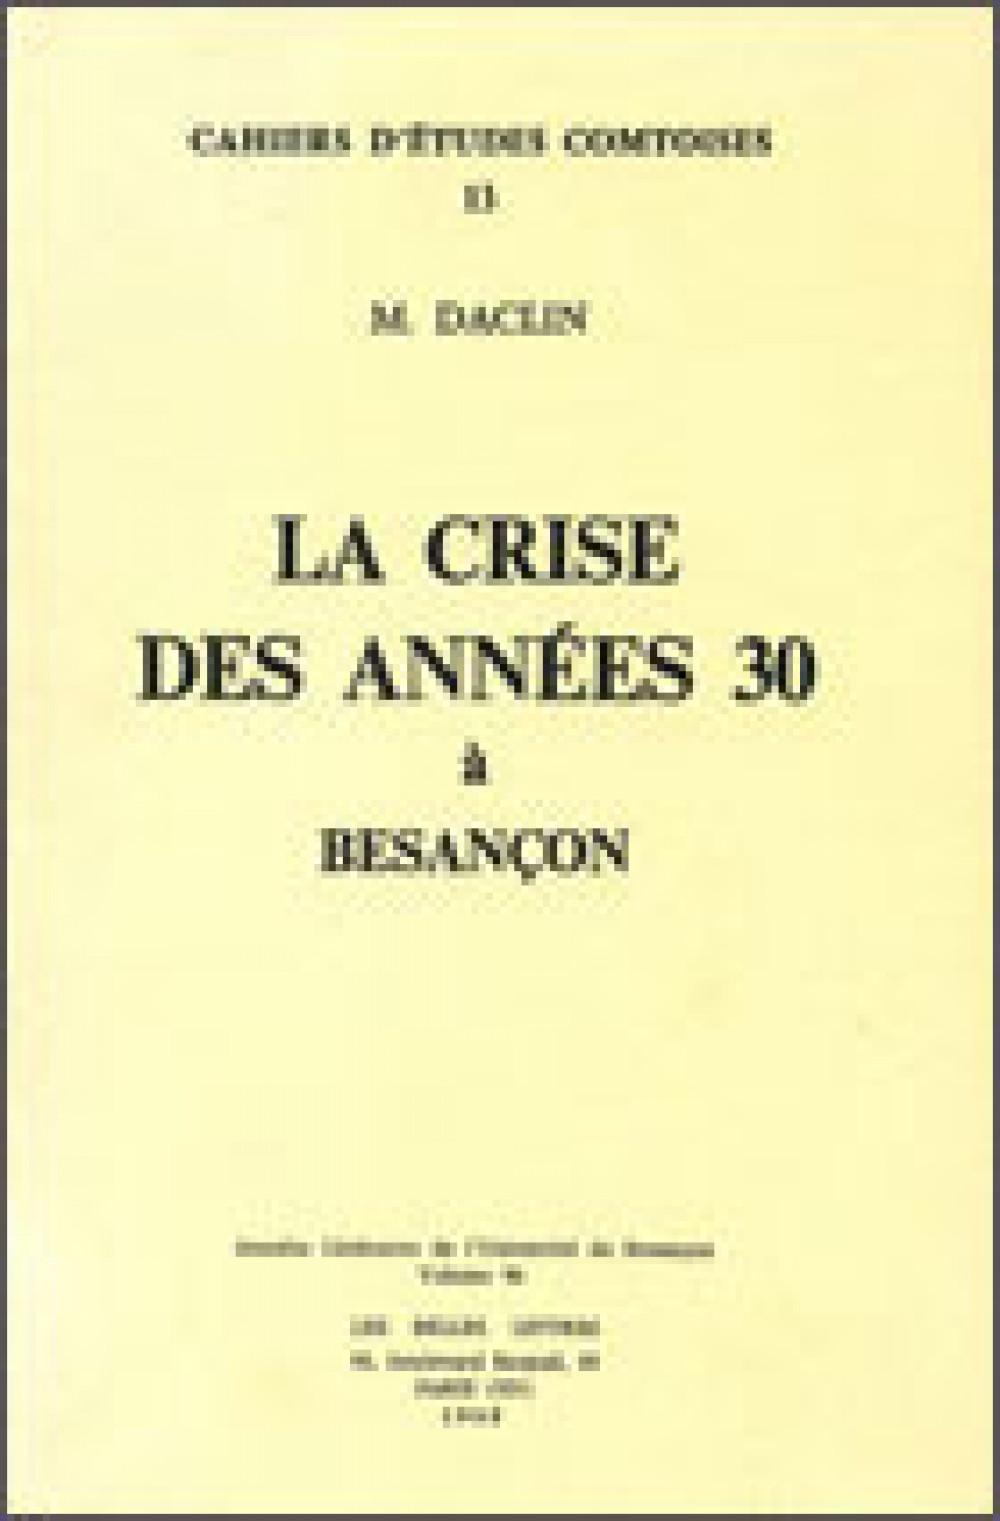 La crise des années 30 à Besançon